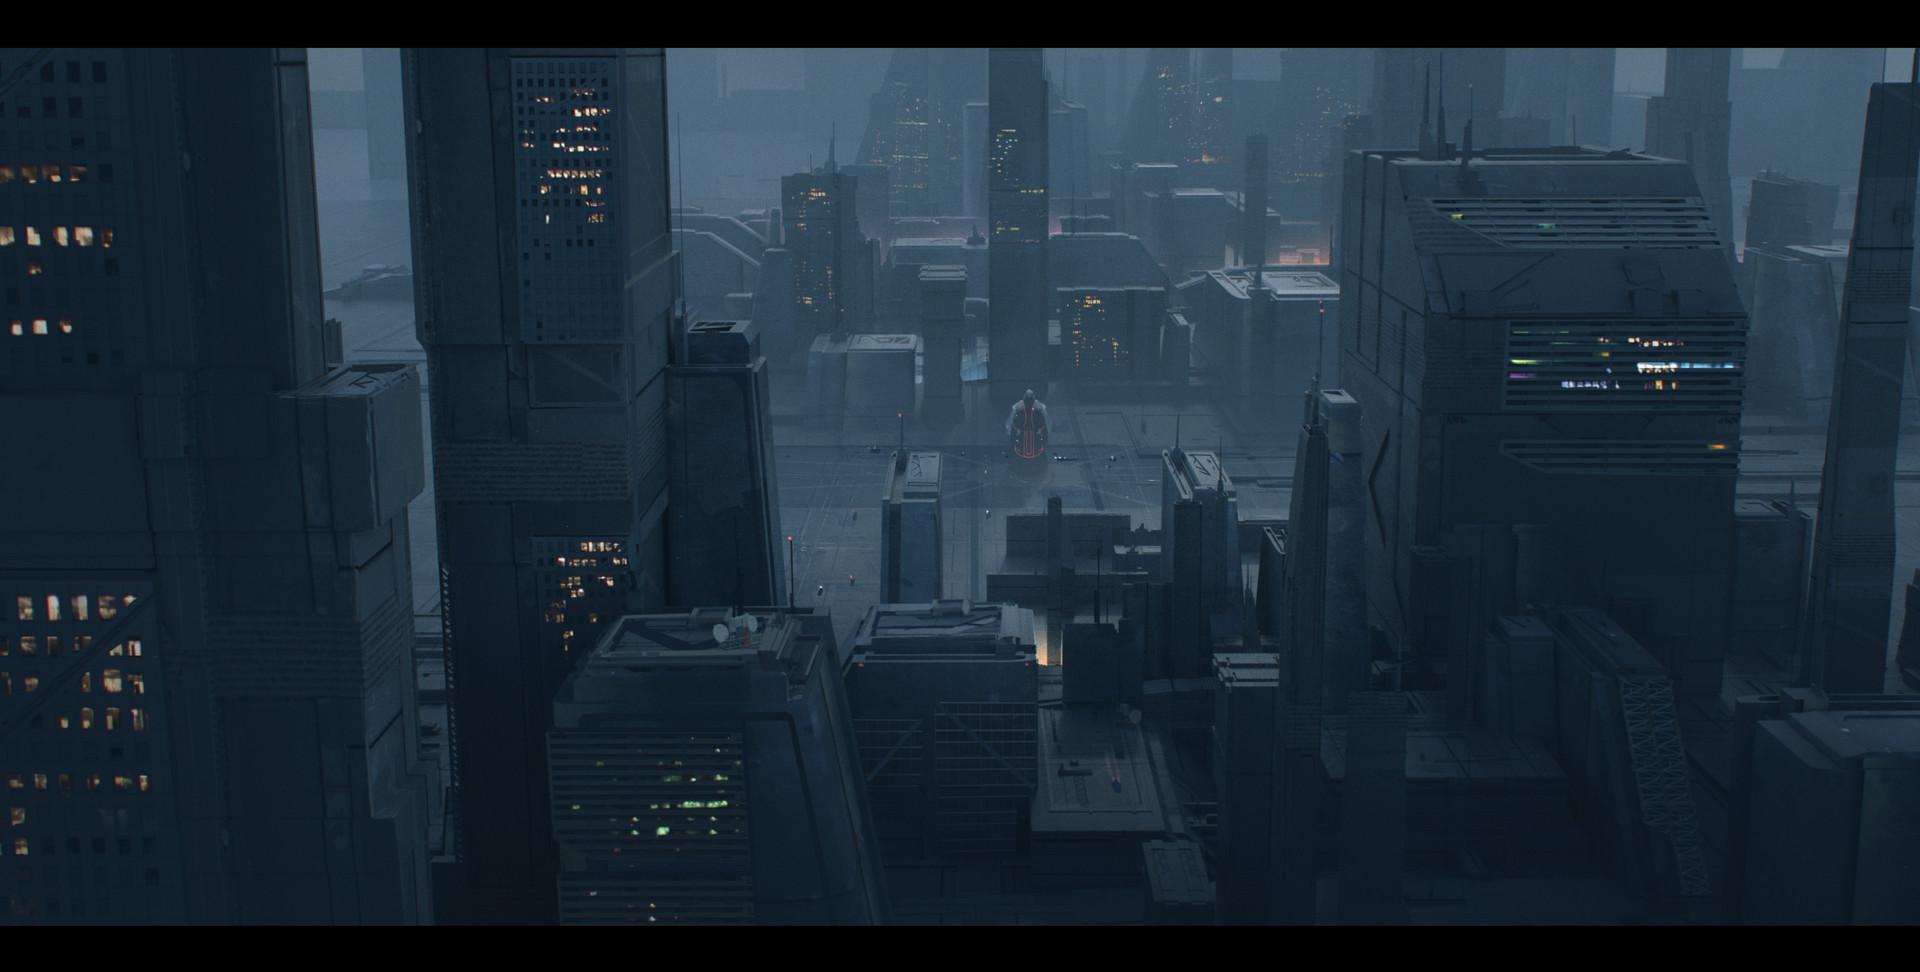 Jx saber city shot 1